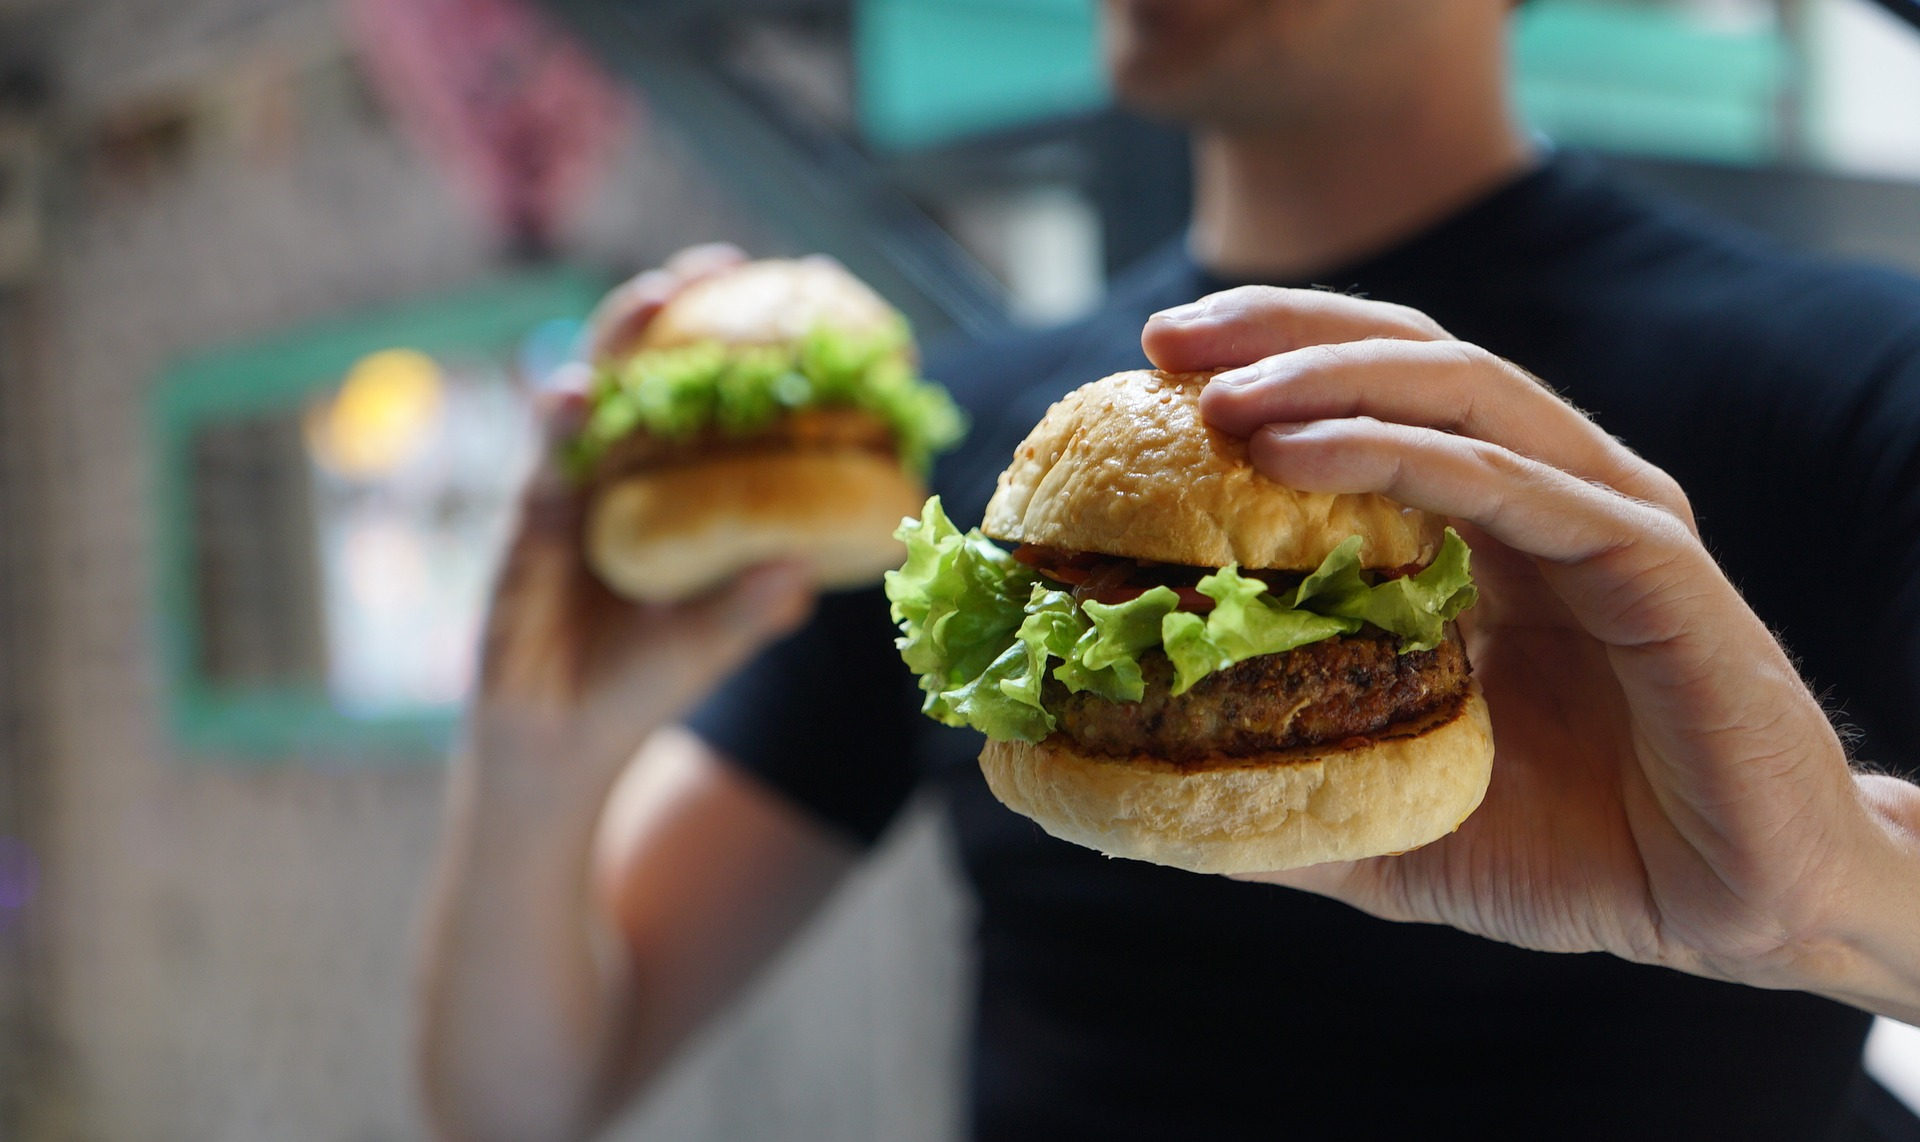 Los 5 alimentos más peligrosos para la salud